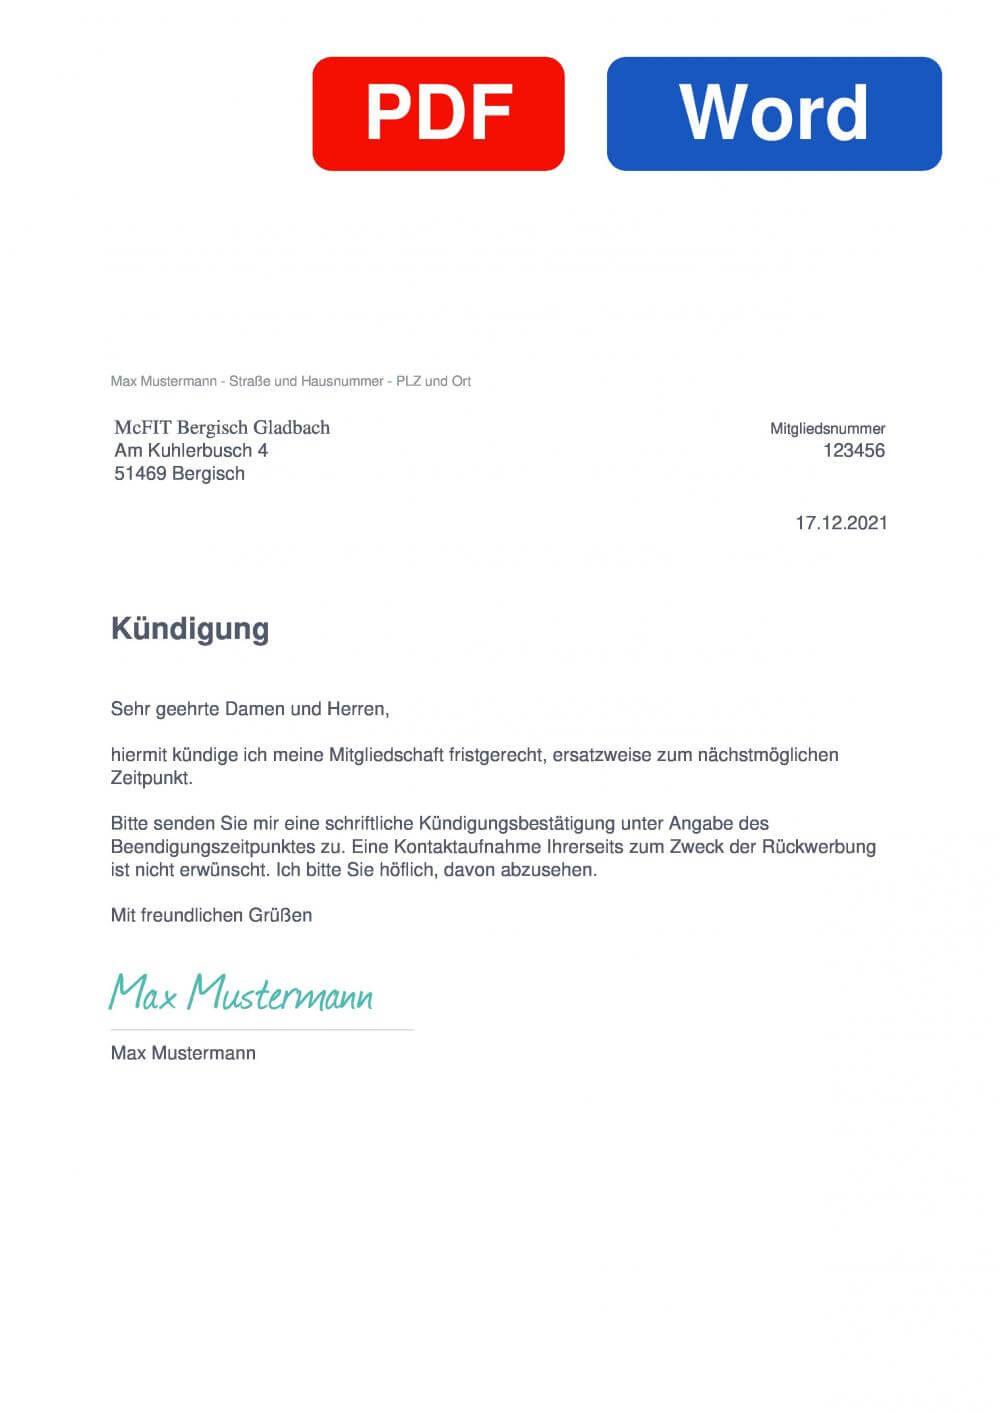 McFIT Bergisch Gladbach Muster Vorlage für Kündigungsschreiben